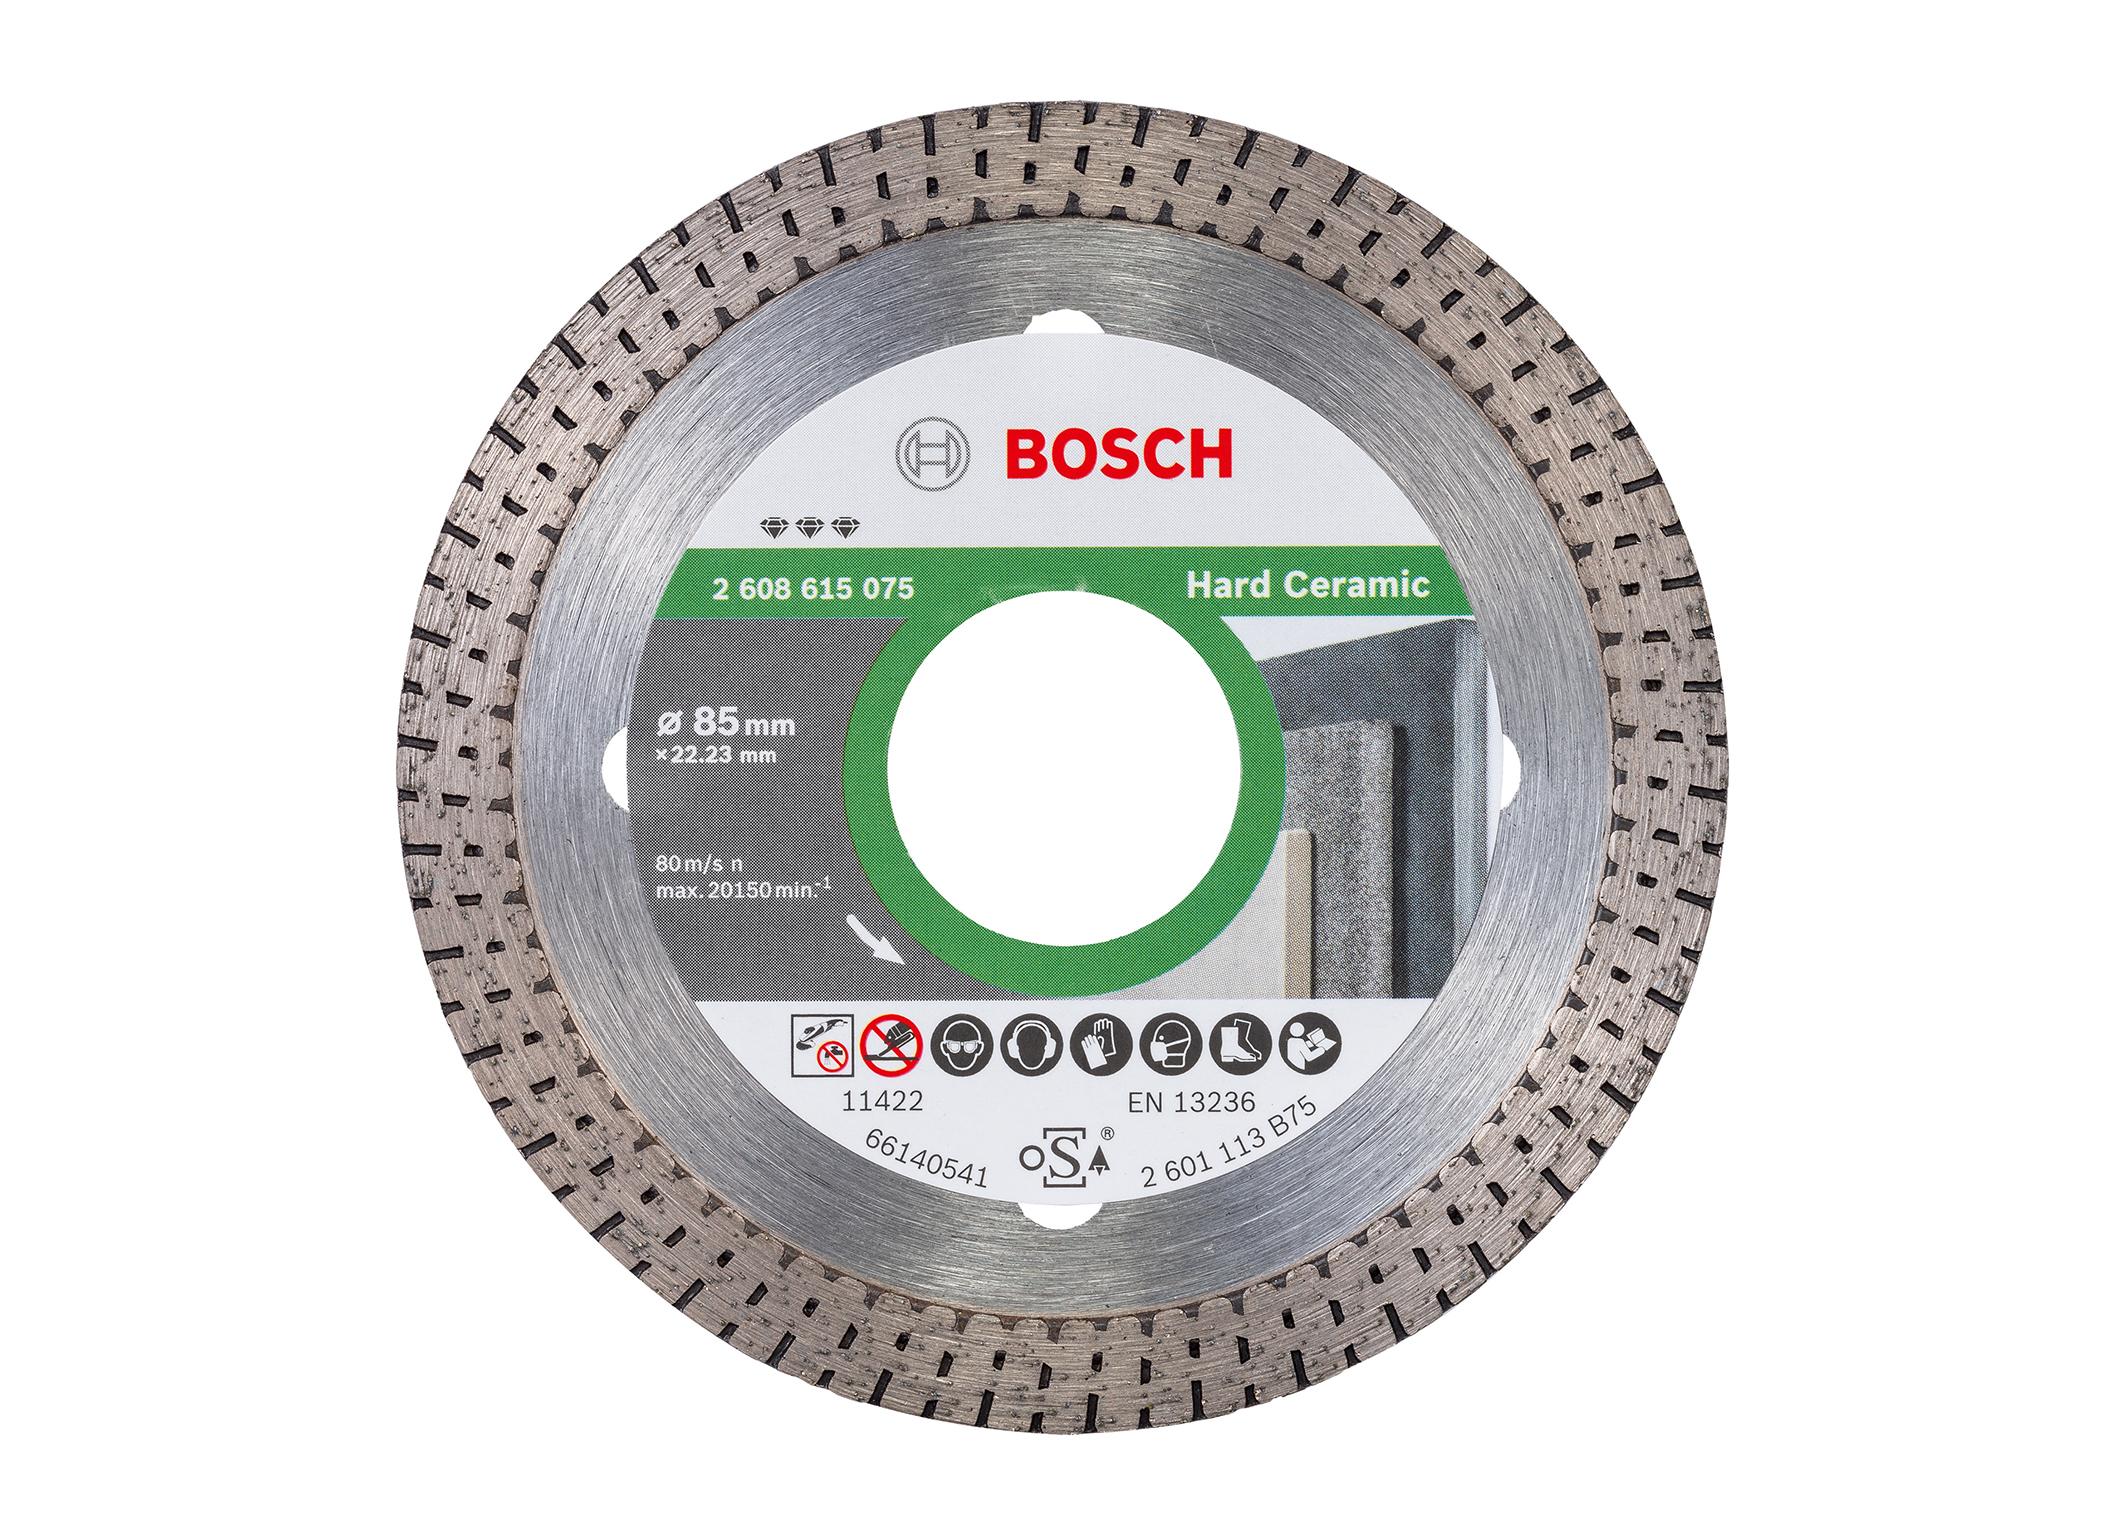 """Präzises Trennen von Feinsteinzeug-Fliesen:  die Diamant-Trennschreibe """"Best for Hard Ceramic"""" von Bosch für Profis"""